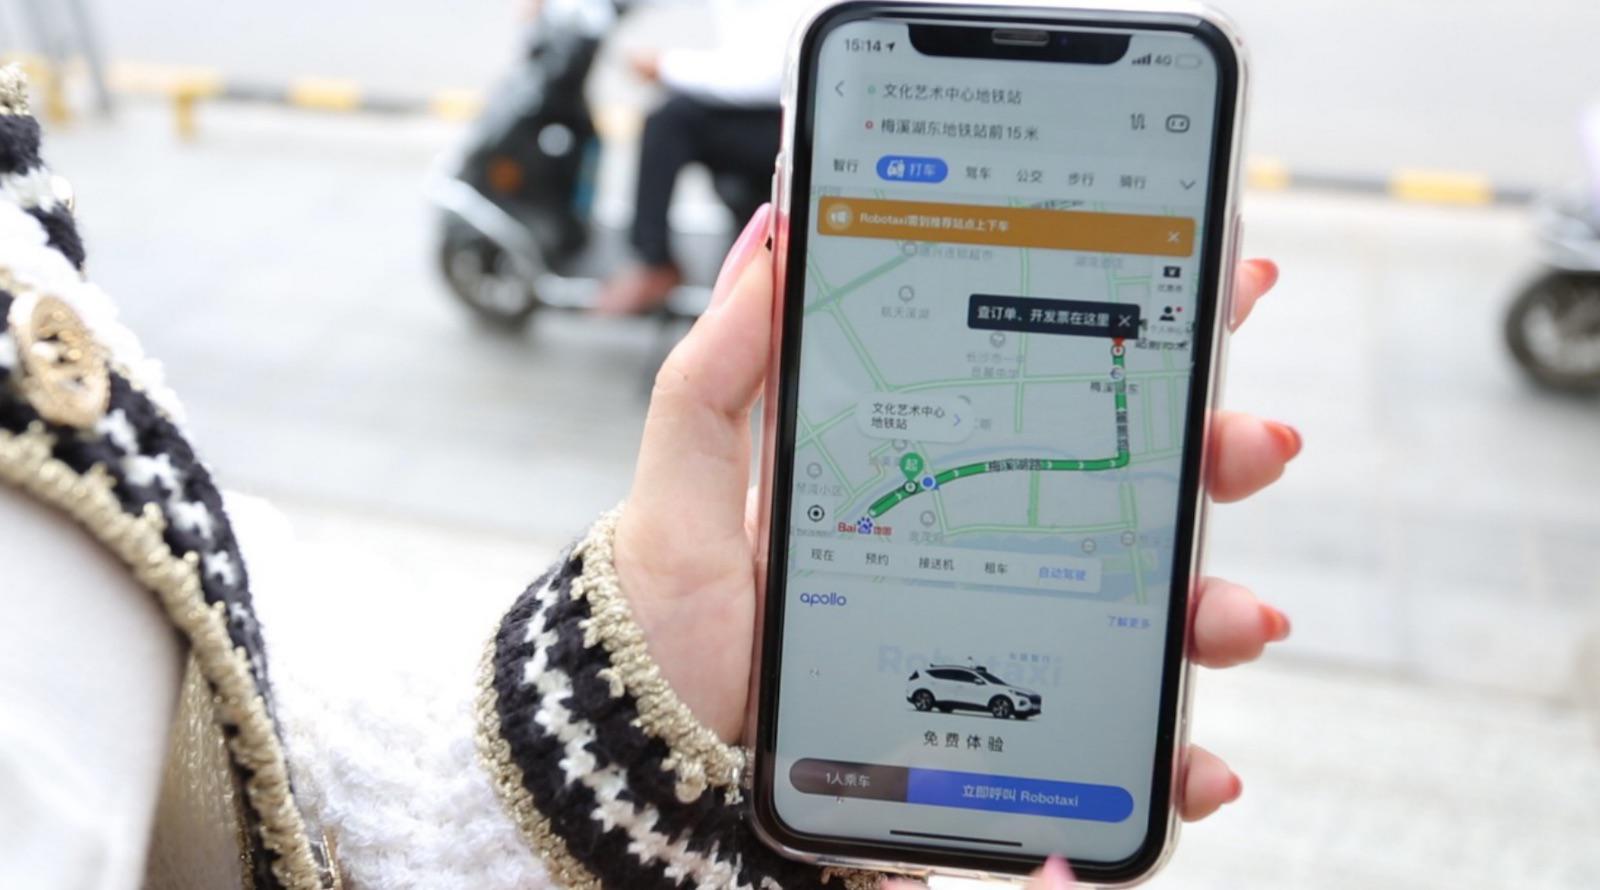 阿波罗无人驾驶出租车服务在百度地图上发布,长沙用户可以免费乘坐